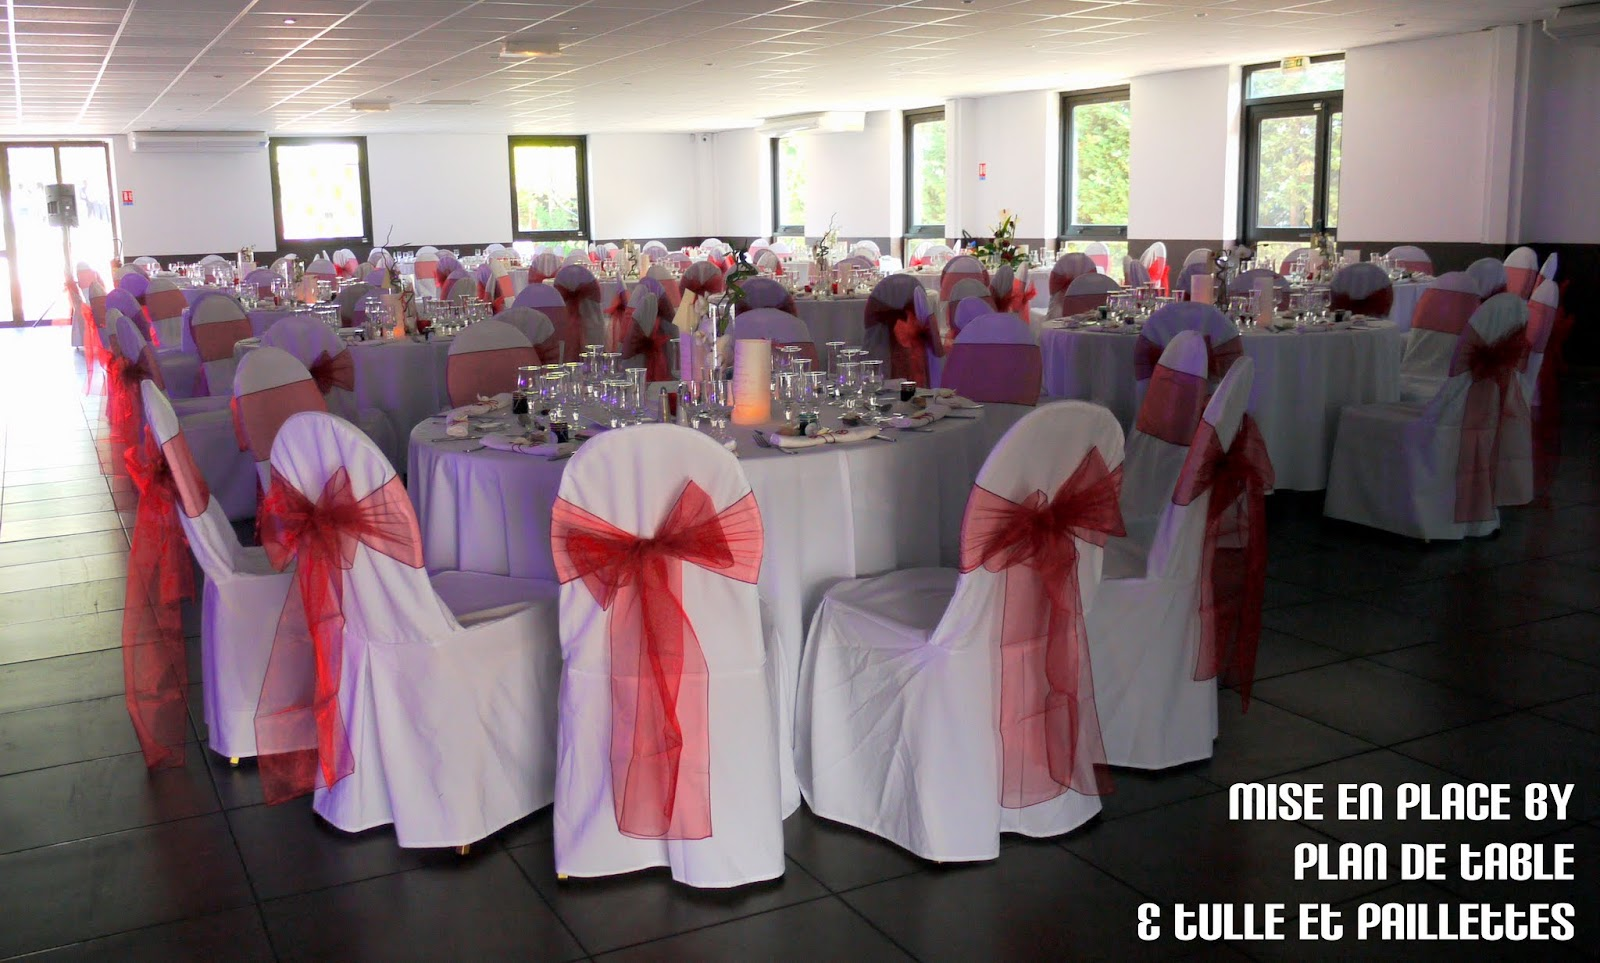 Plan de table le blog mariage en rouge et blanc mise en place de la d coration by plan de - Deco mariage blanc et rouge ...